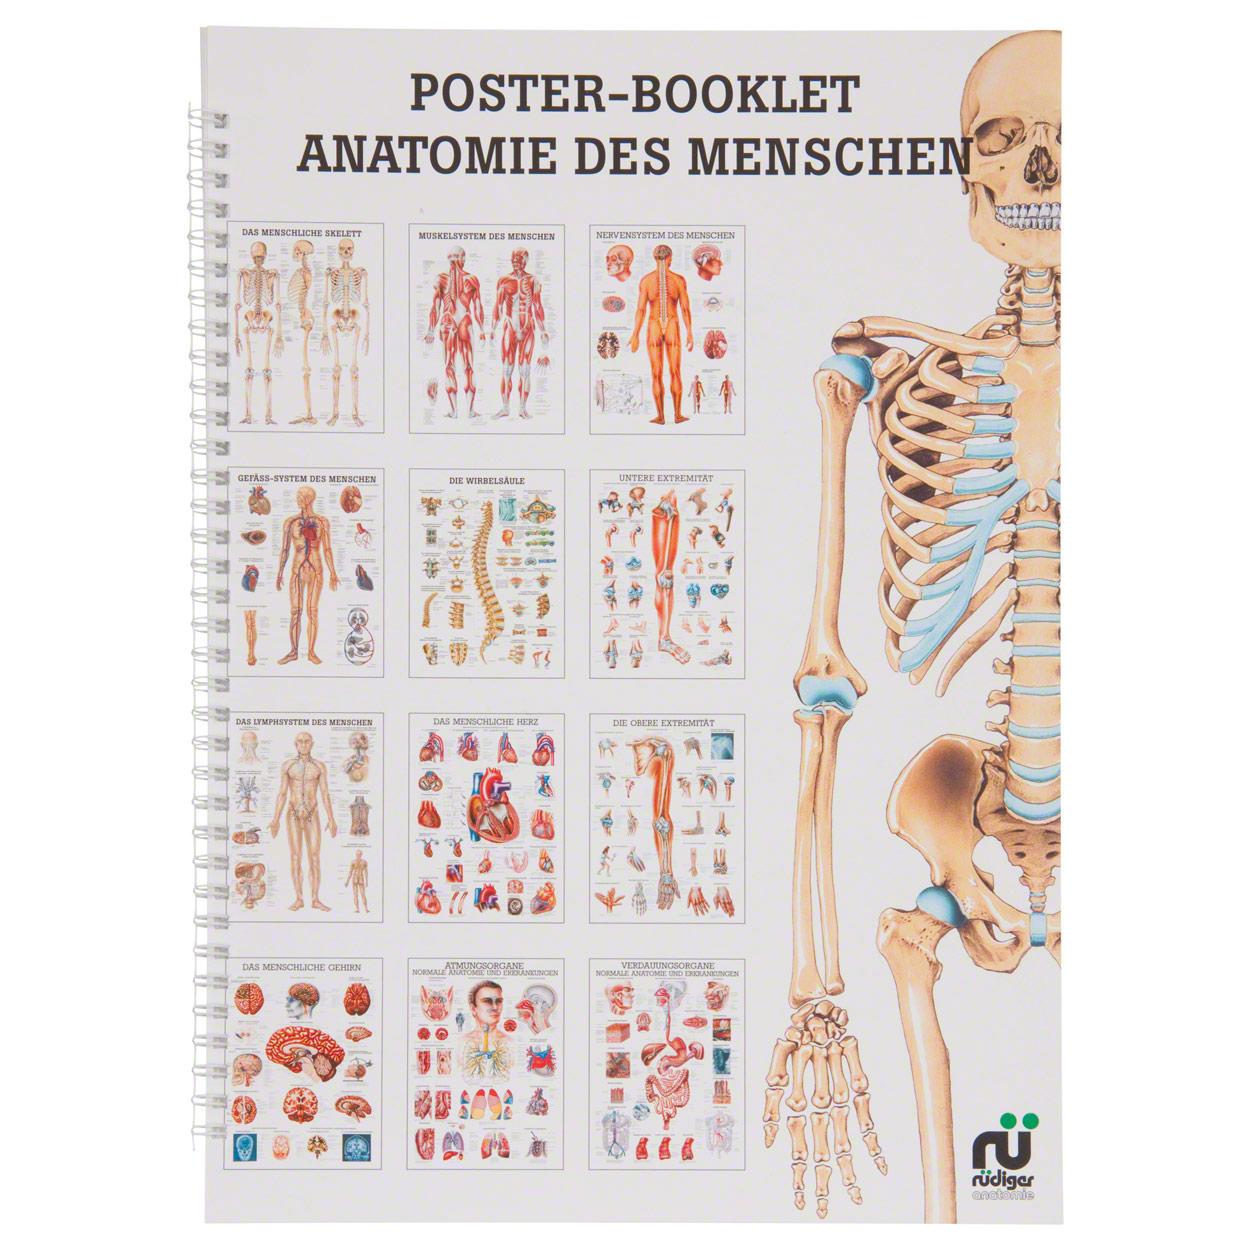 Mini-Poster Booklet Anatomie des Menschen, LxB 34x24 cm, 12 Poster ...